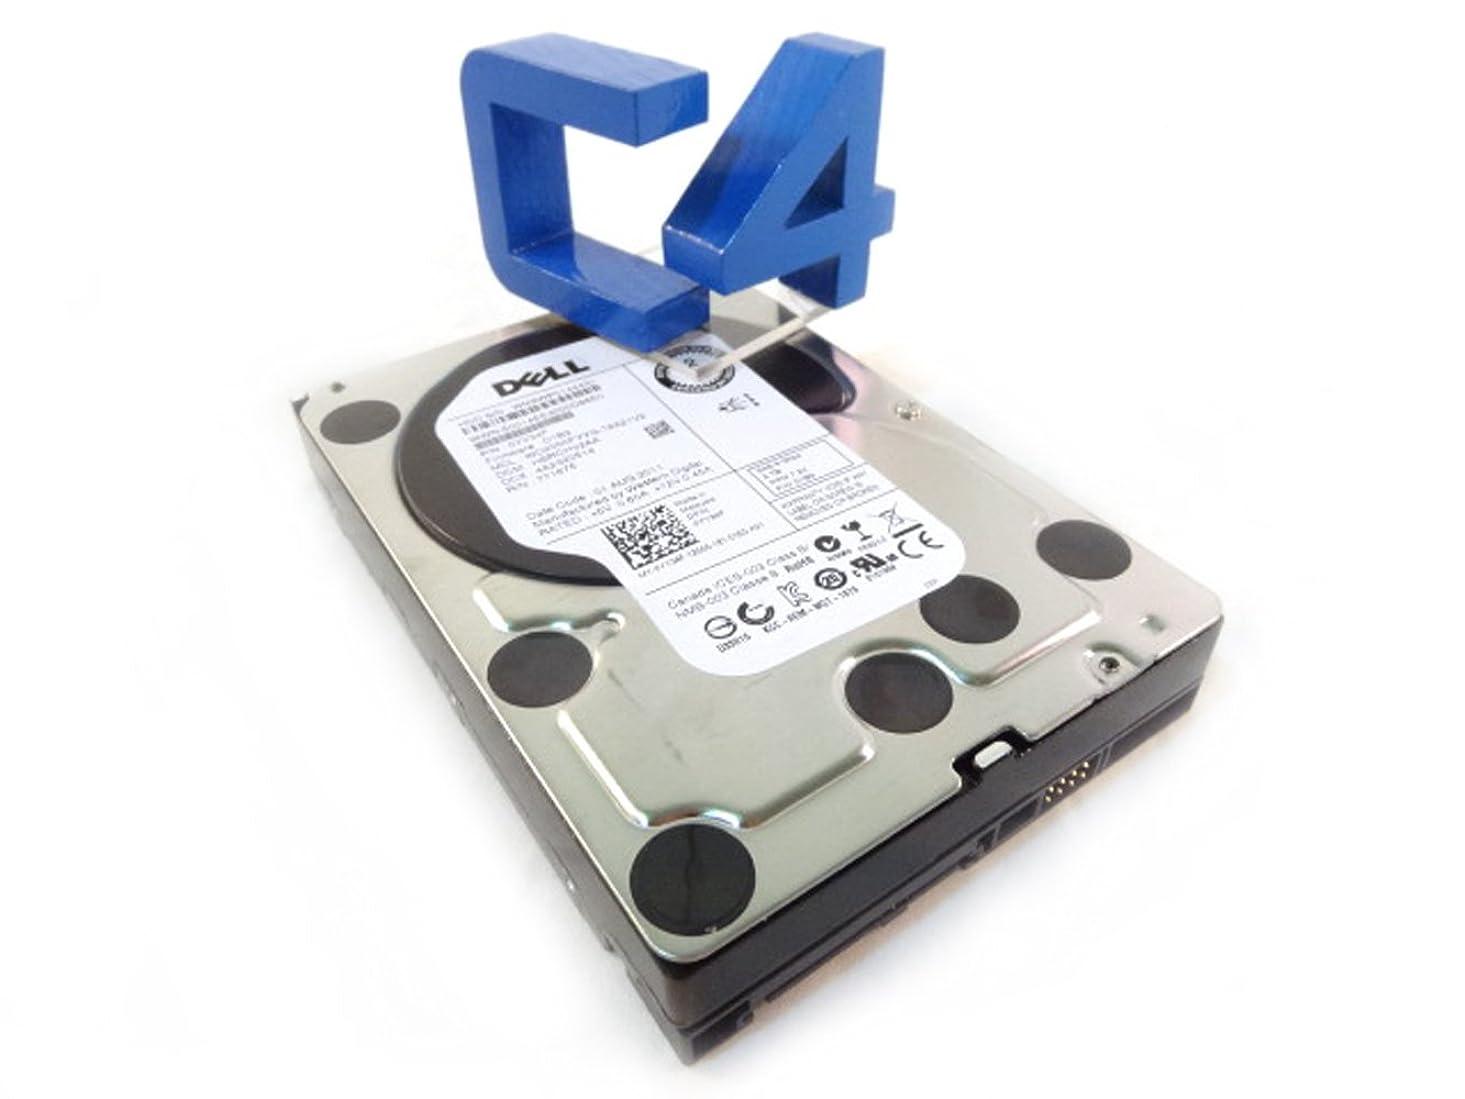 同意する飼料バナナDellデルcp464-sub 1tb NL SAS 7.2?K 6?Gbps 3.5ハードドライブygg39